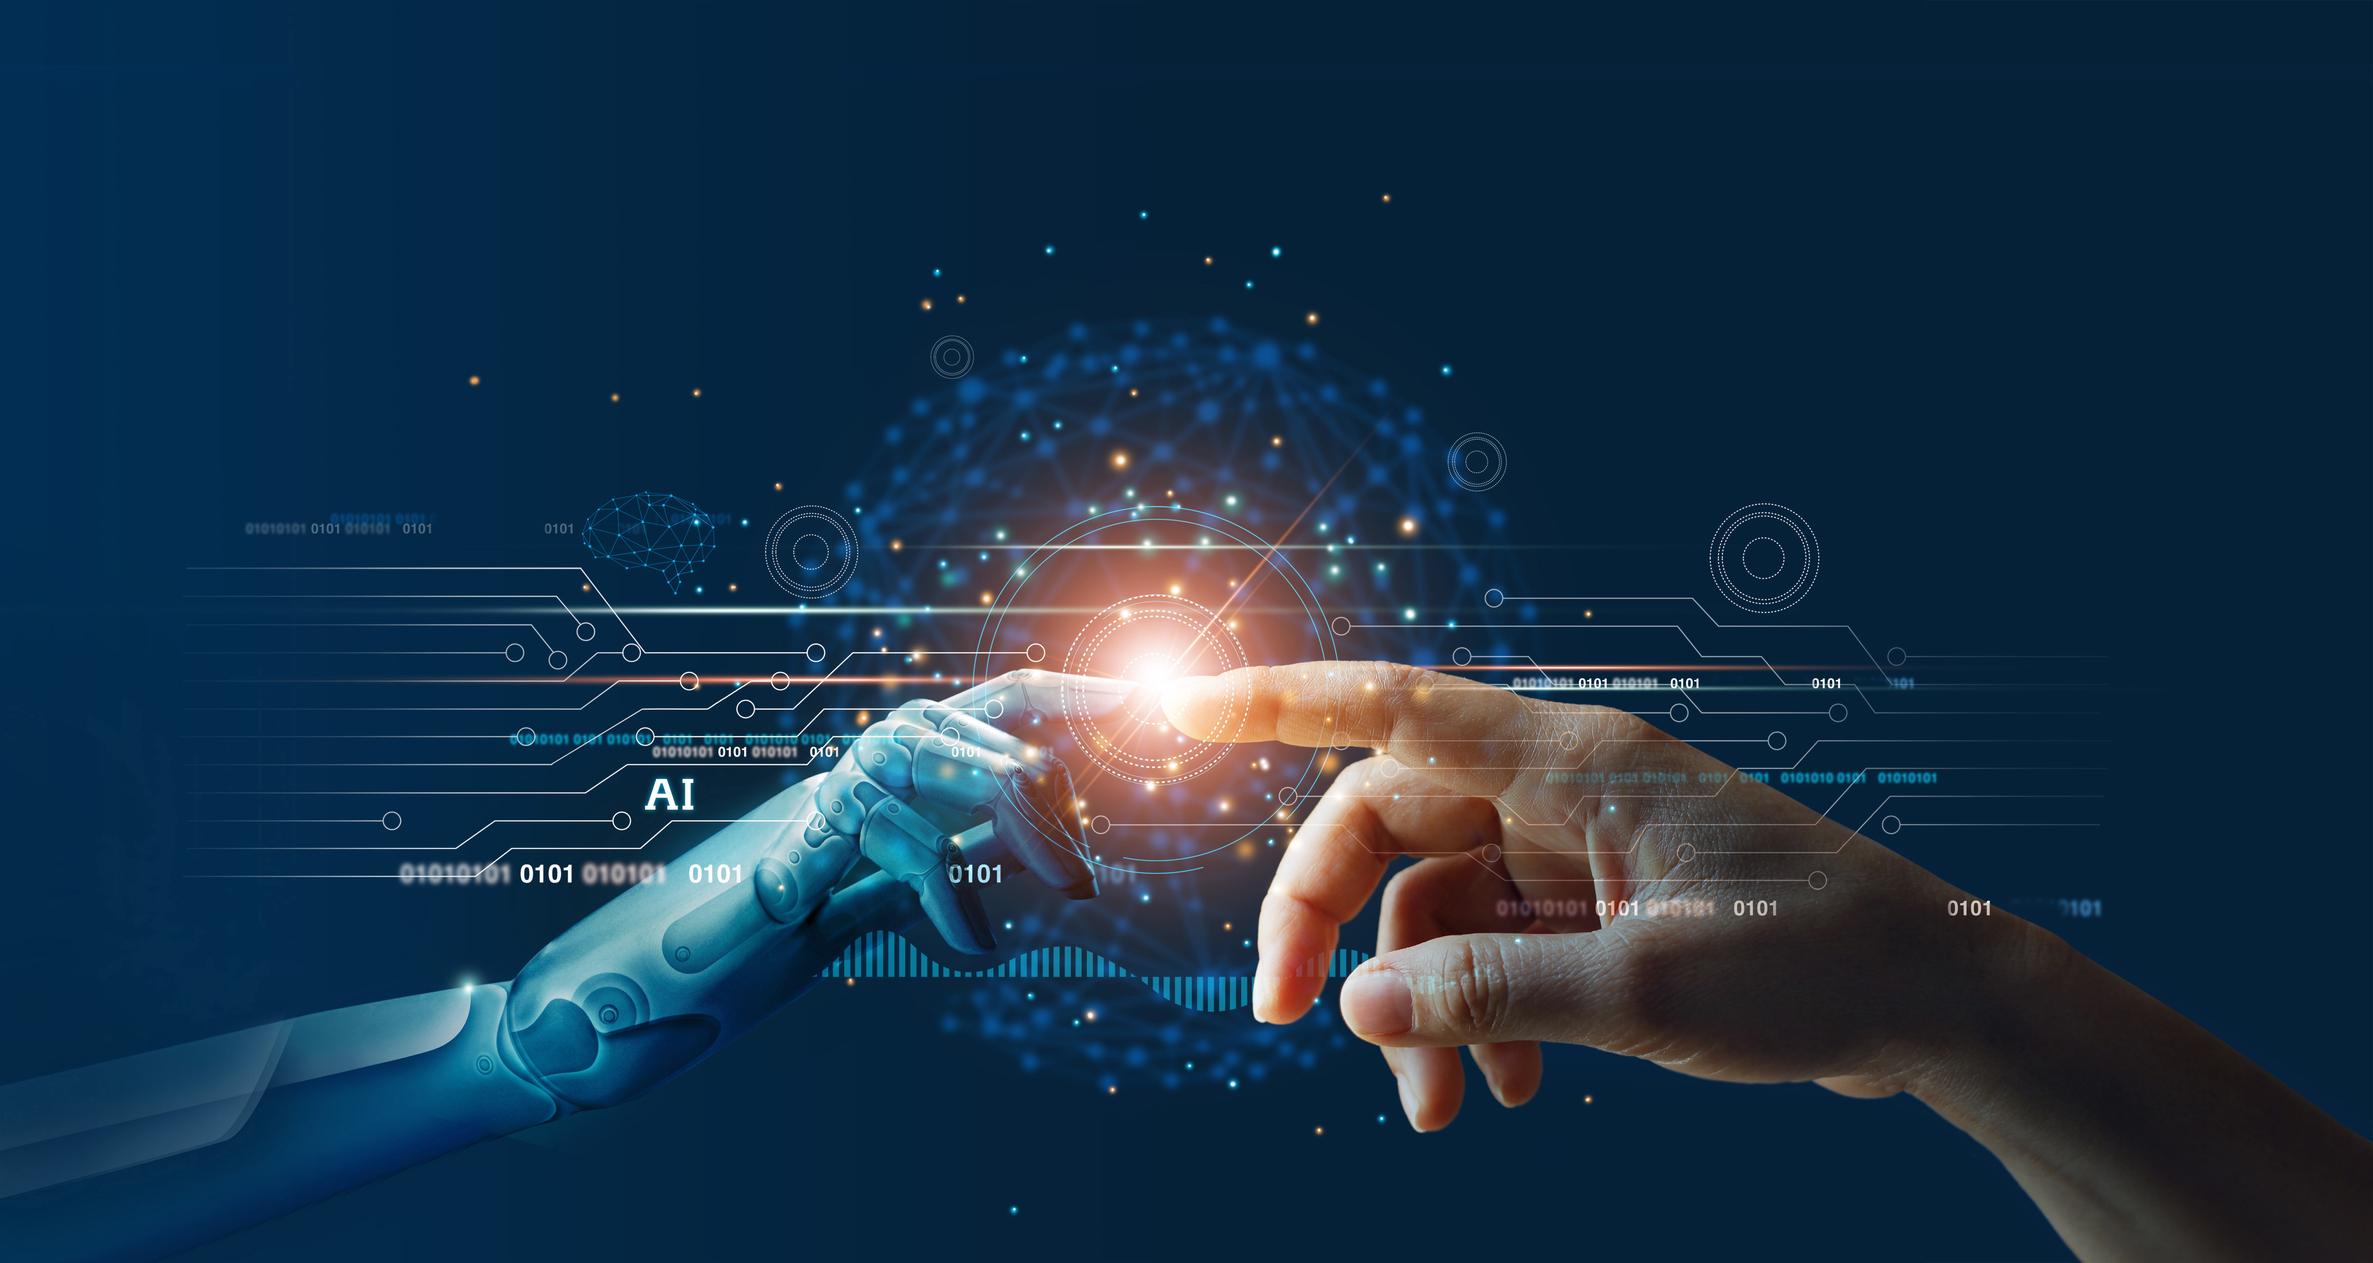 10 ejemplos de innovación tecnológica de pasado, presente y futuro